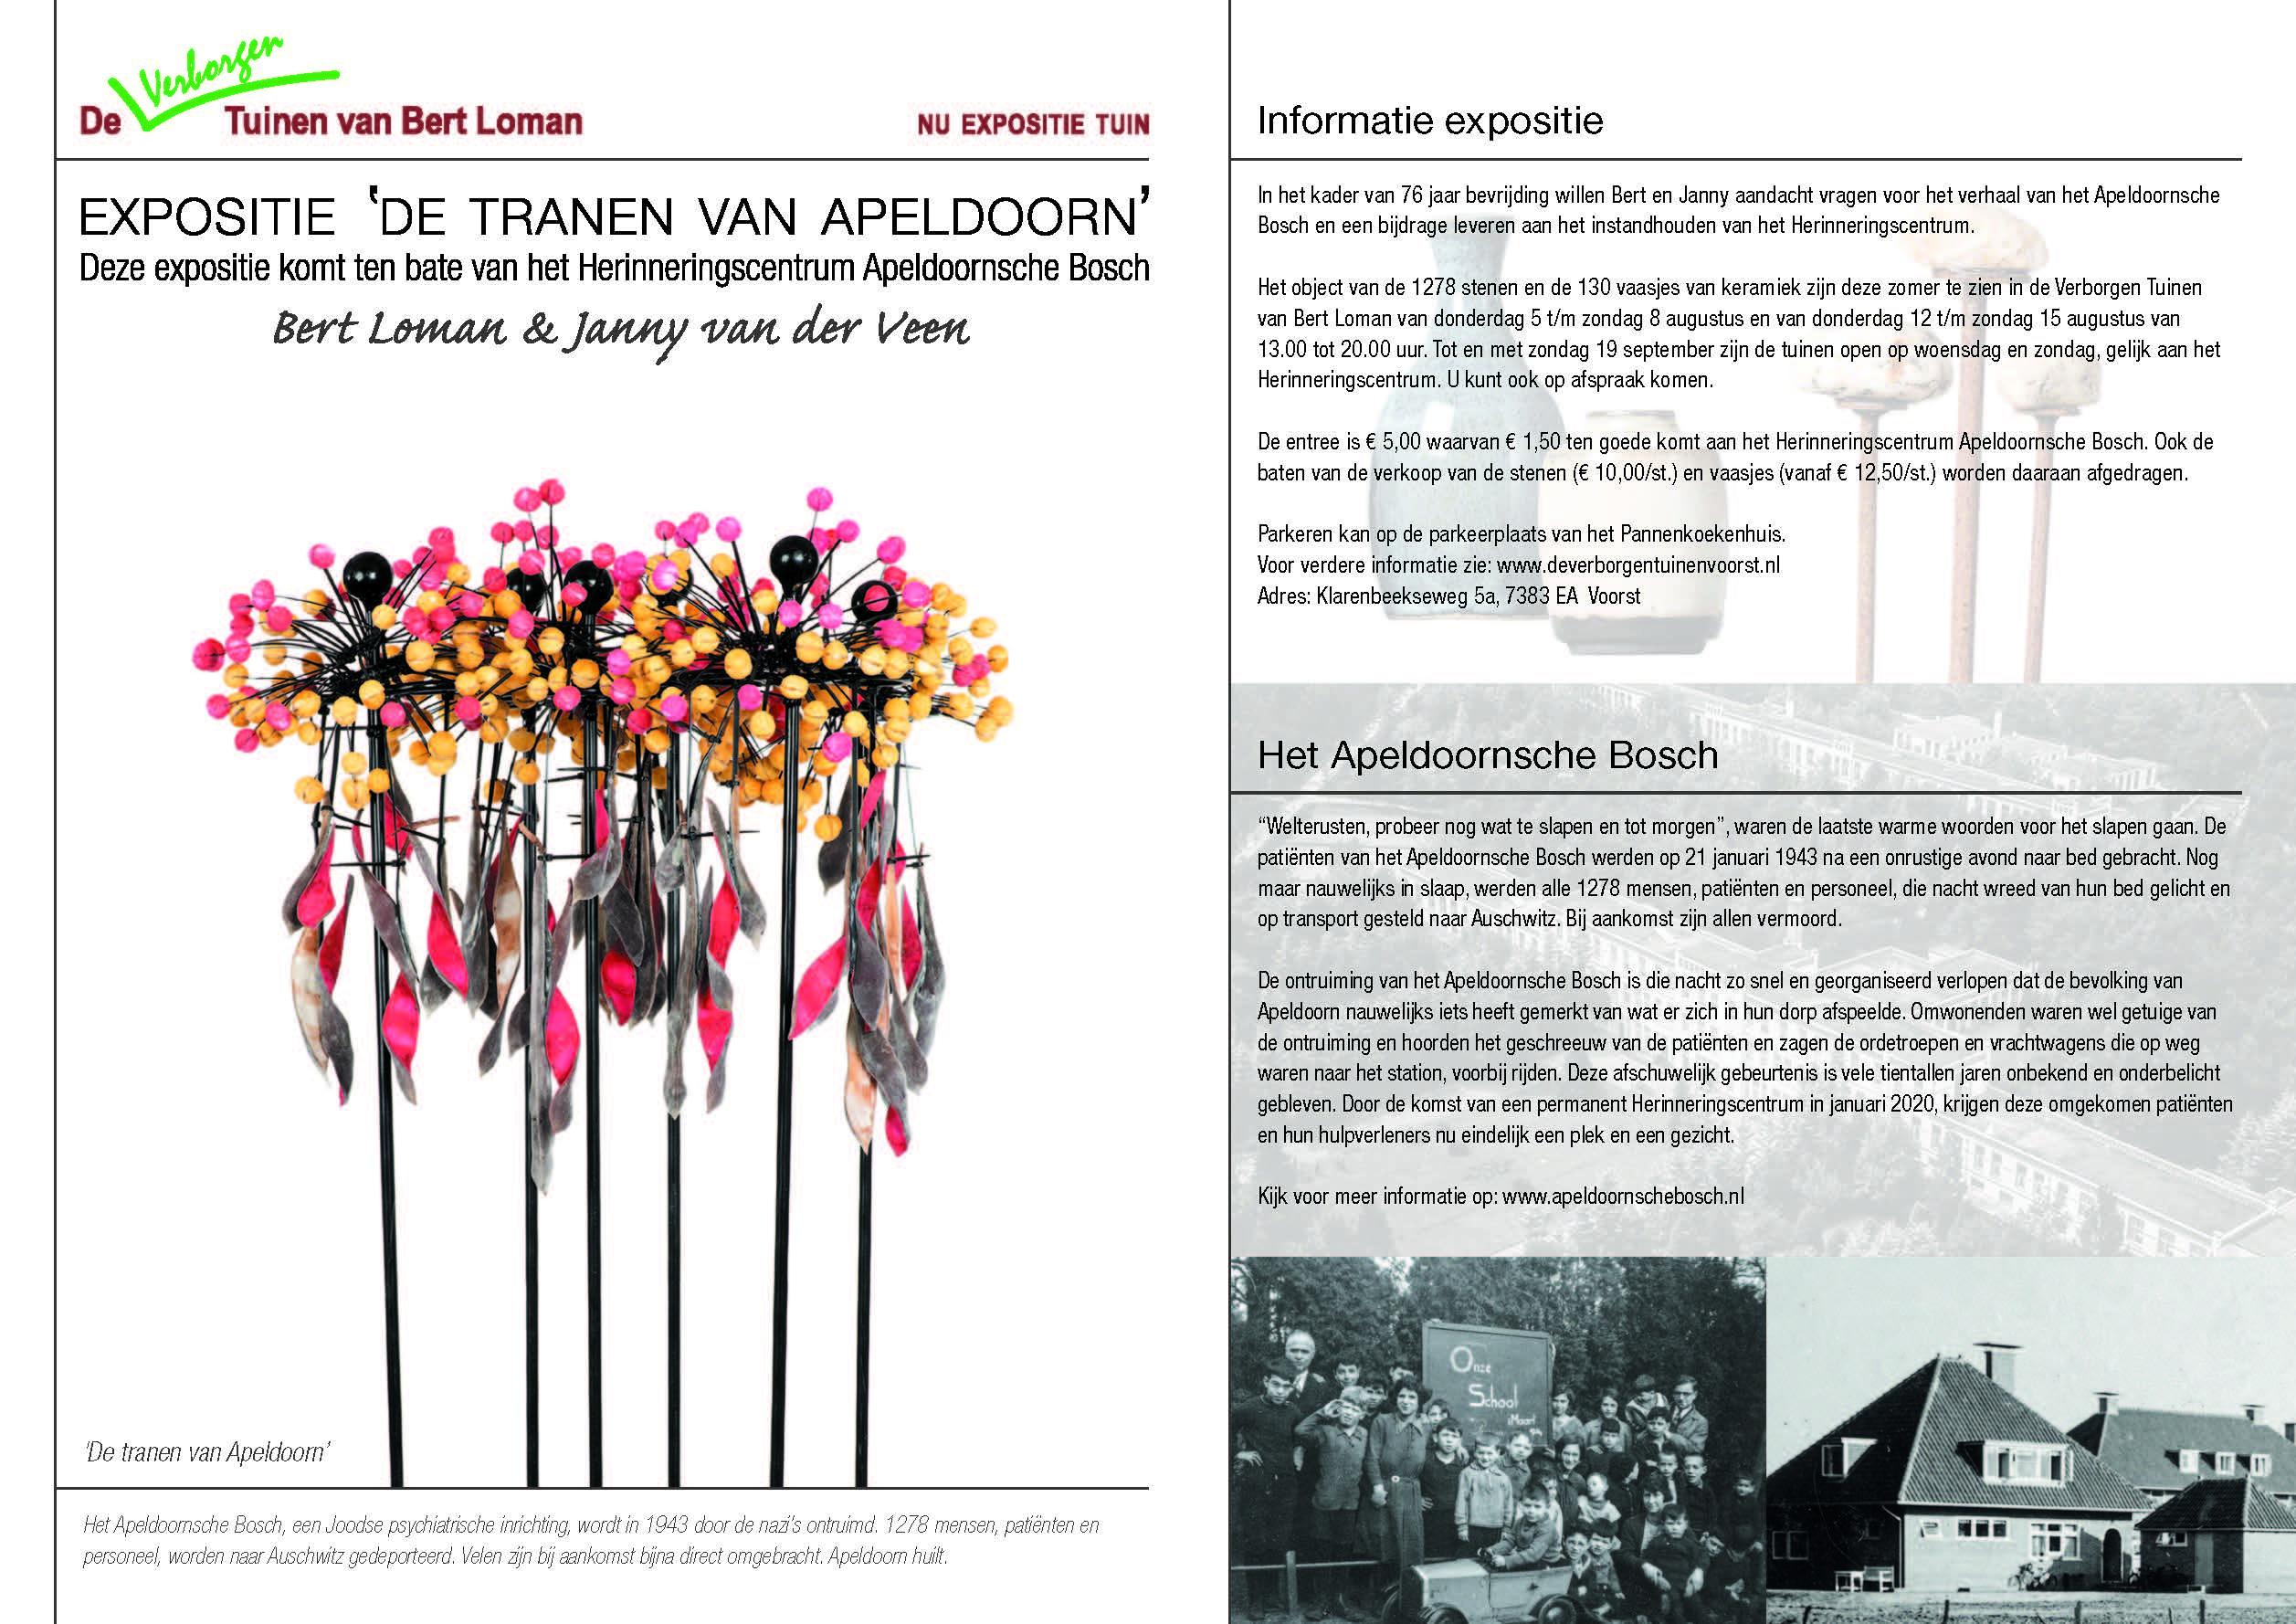 De tranen van Apeldoorn: expositie in het teken van Het Apeldoornsche Bosch